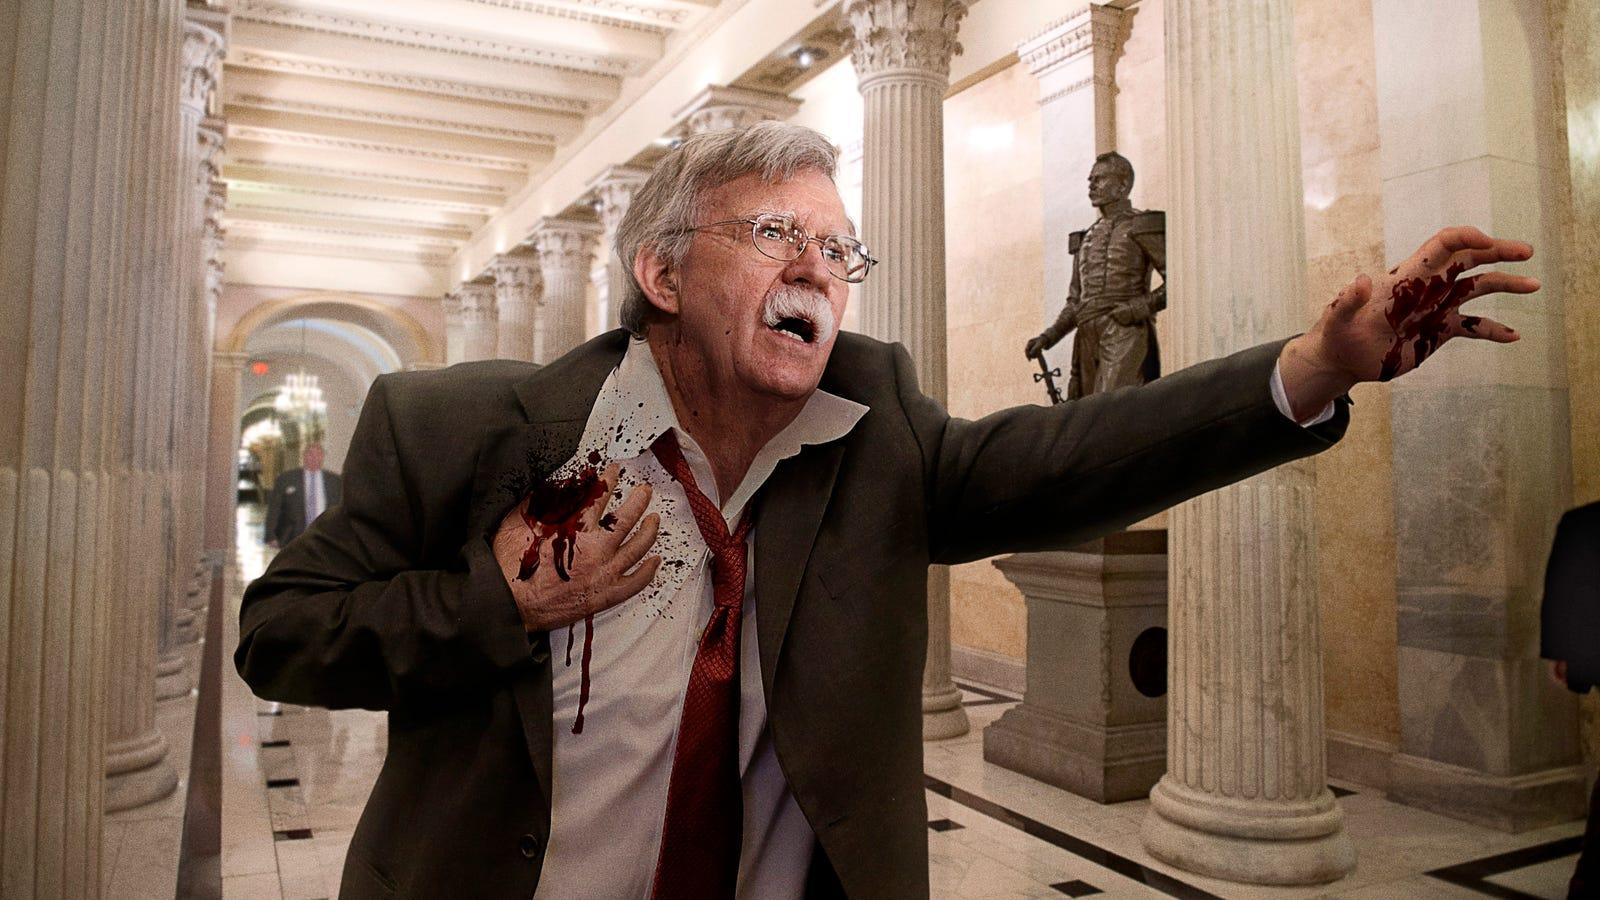 米終了との交渉Bloodthirsty戦国大:こんなジョン-ボルトンの時間のトランプ管理